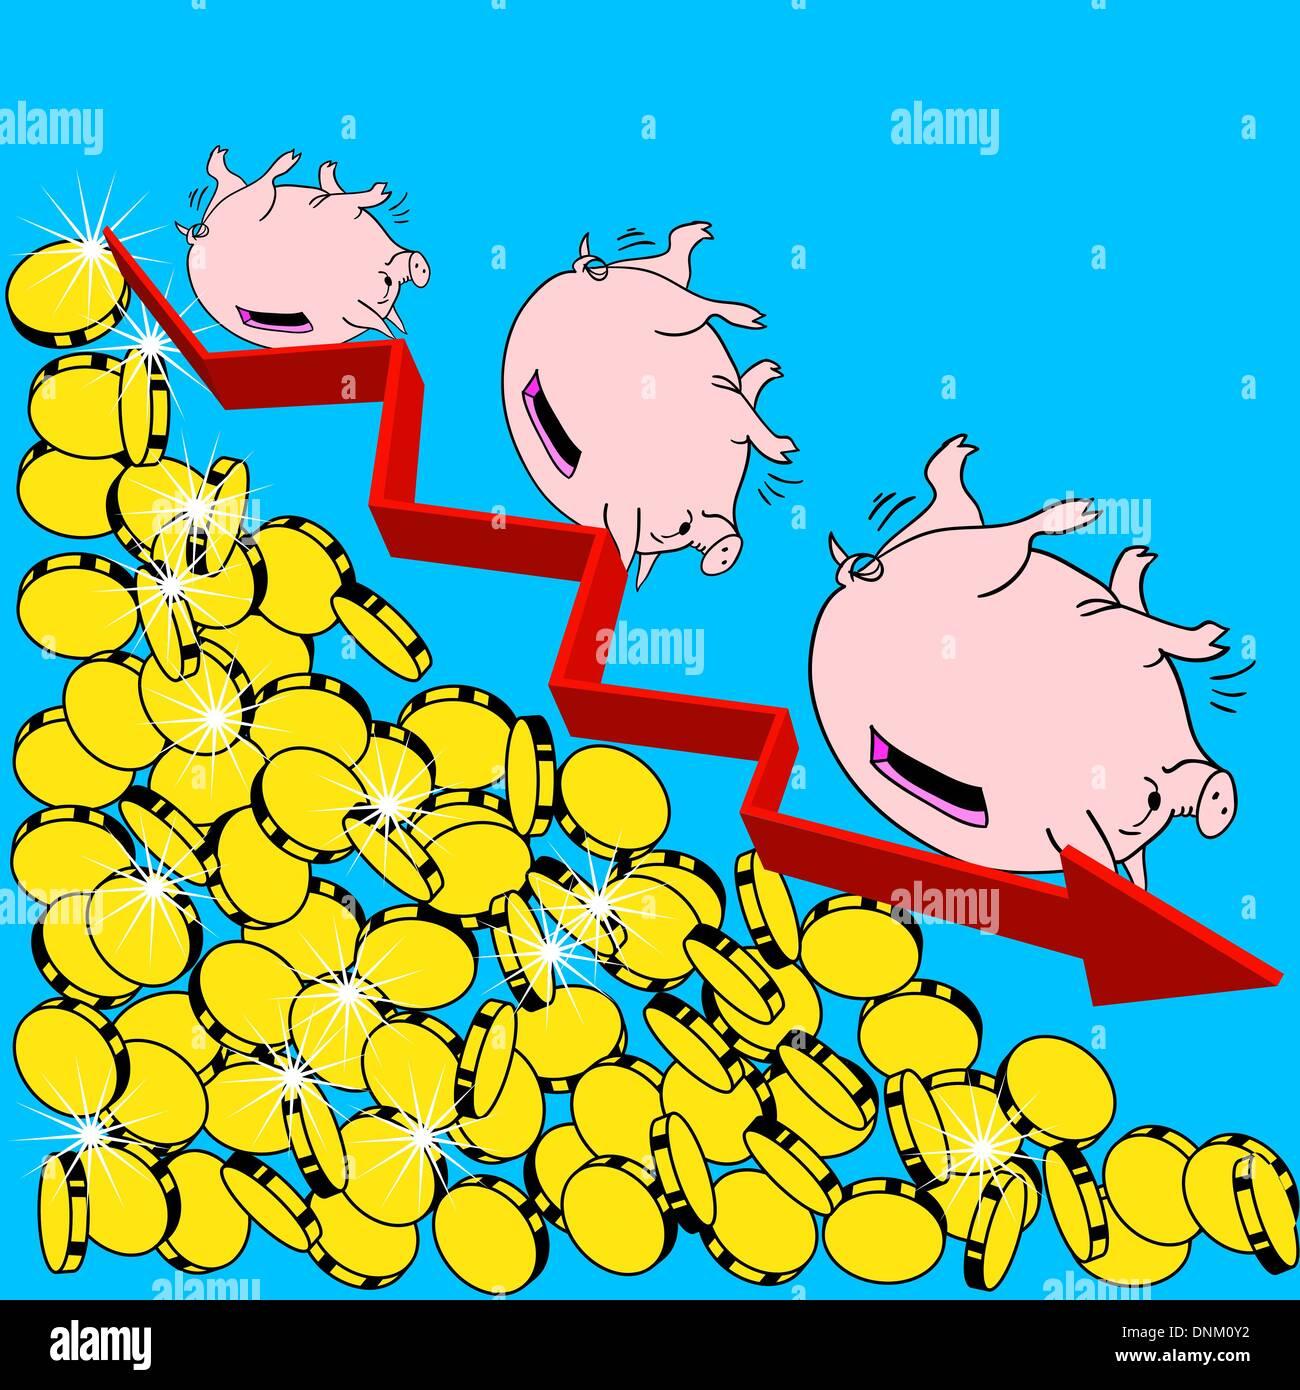 La crise financière Concept Illustration Photo Stock